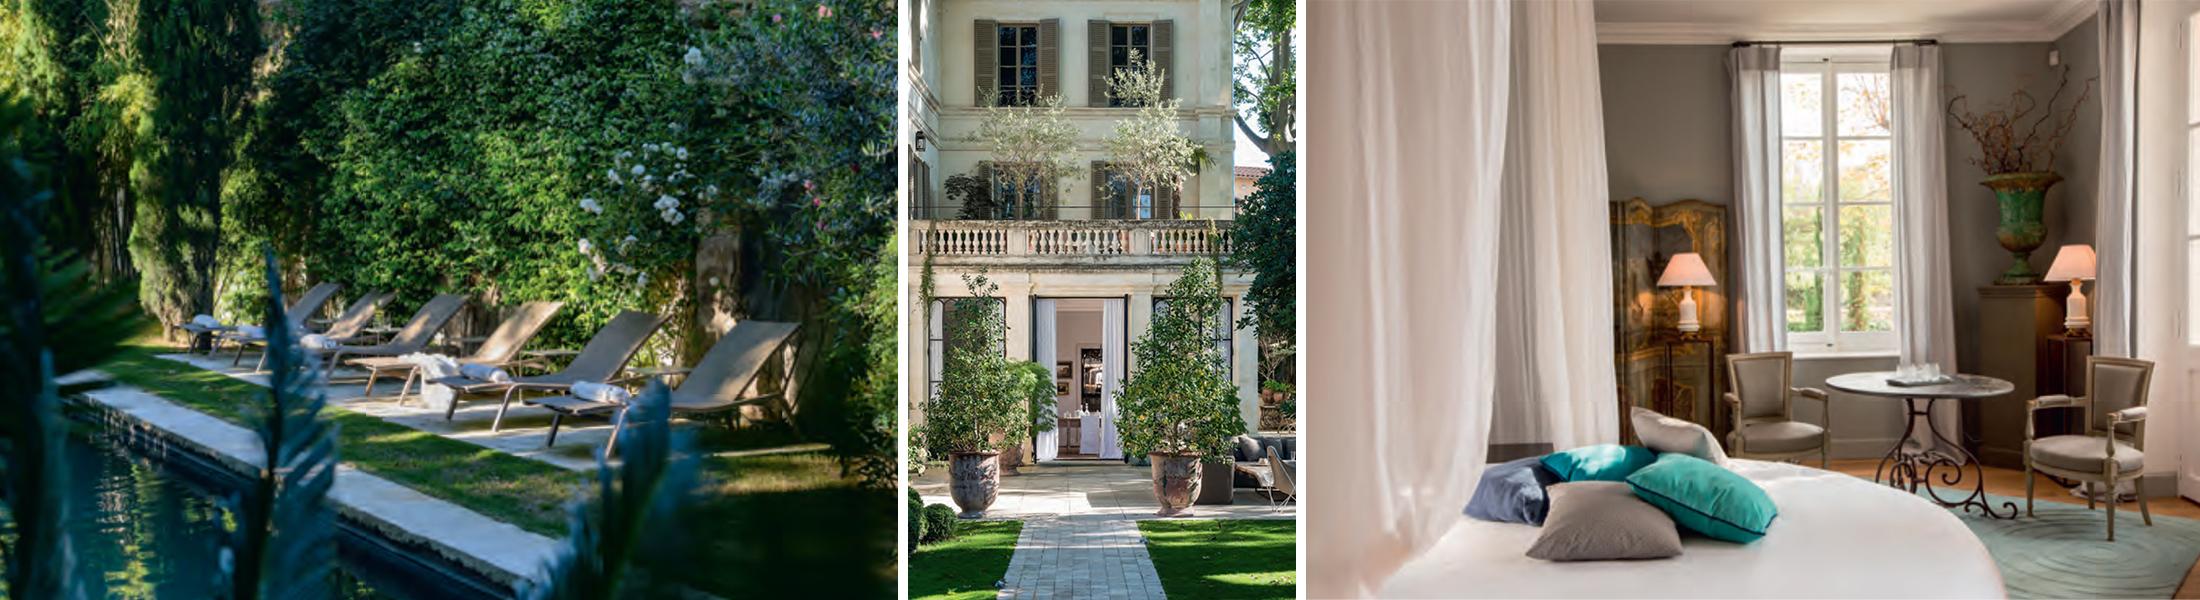 La Divine Comédie dans centre historique d'Avignon maison d'hôtes unique lieu d'exception avec Spa